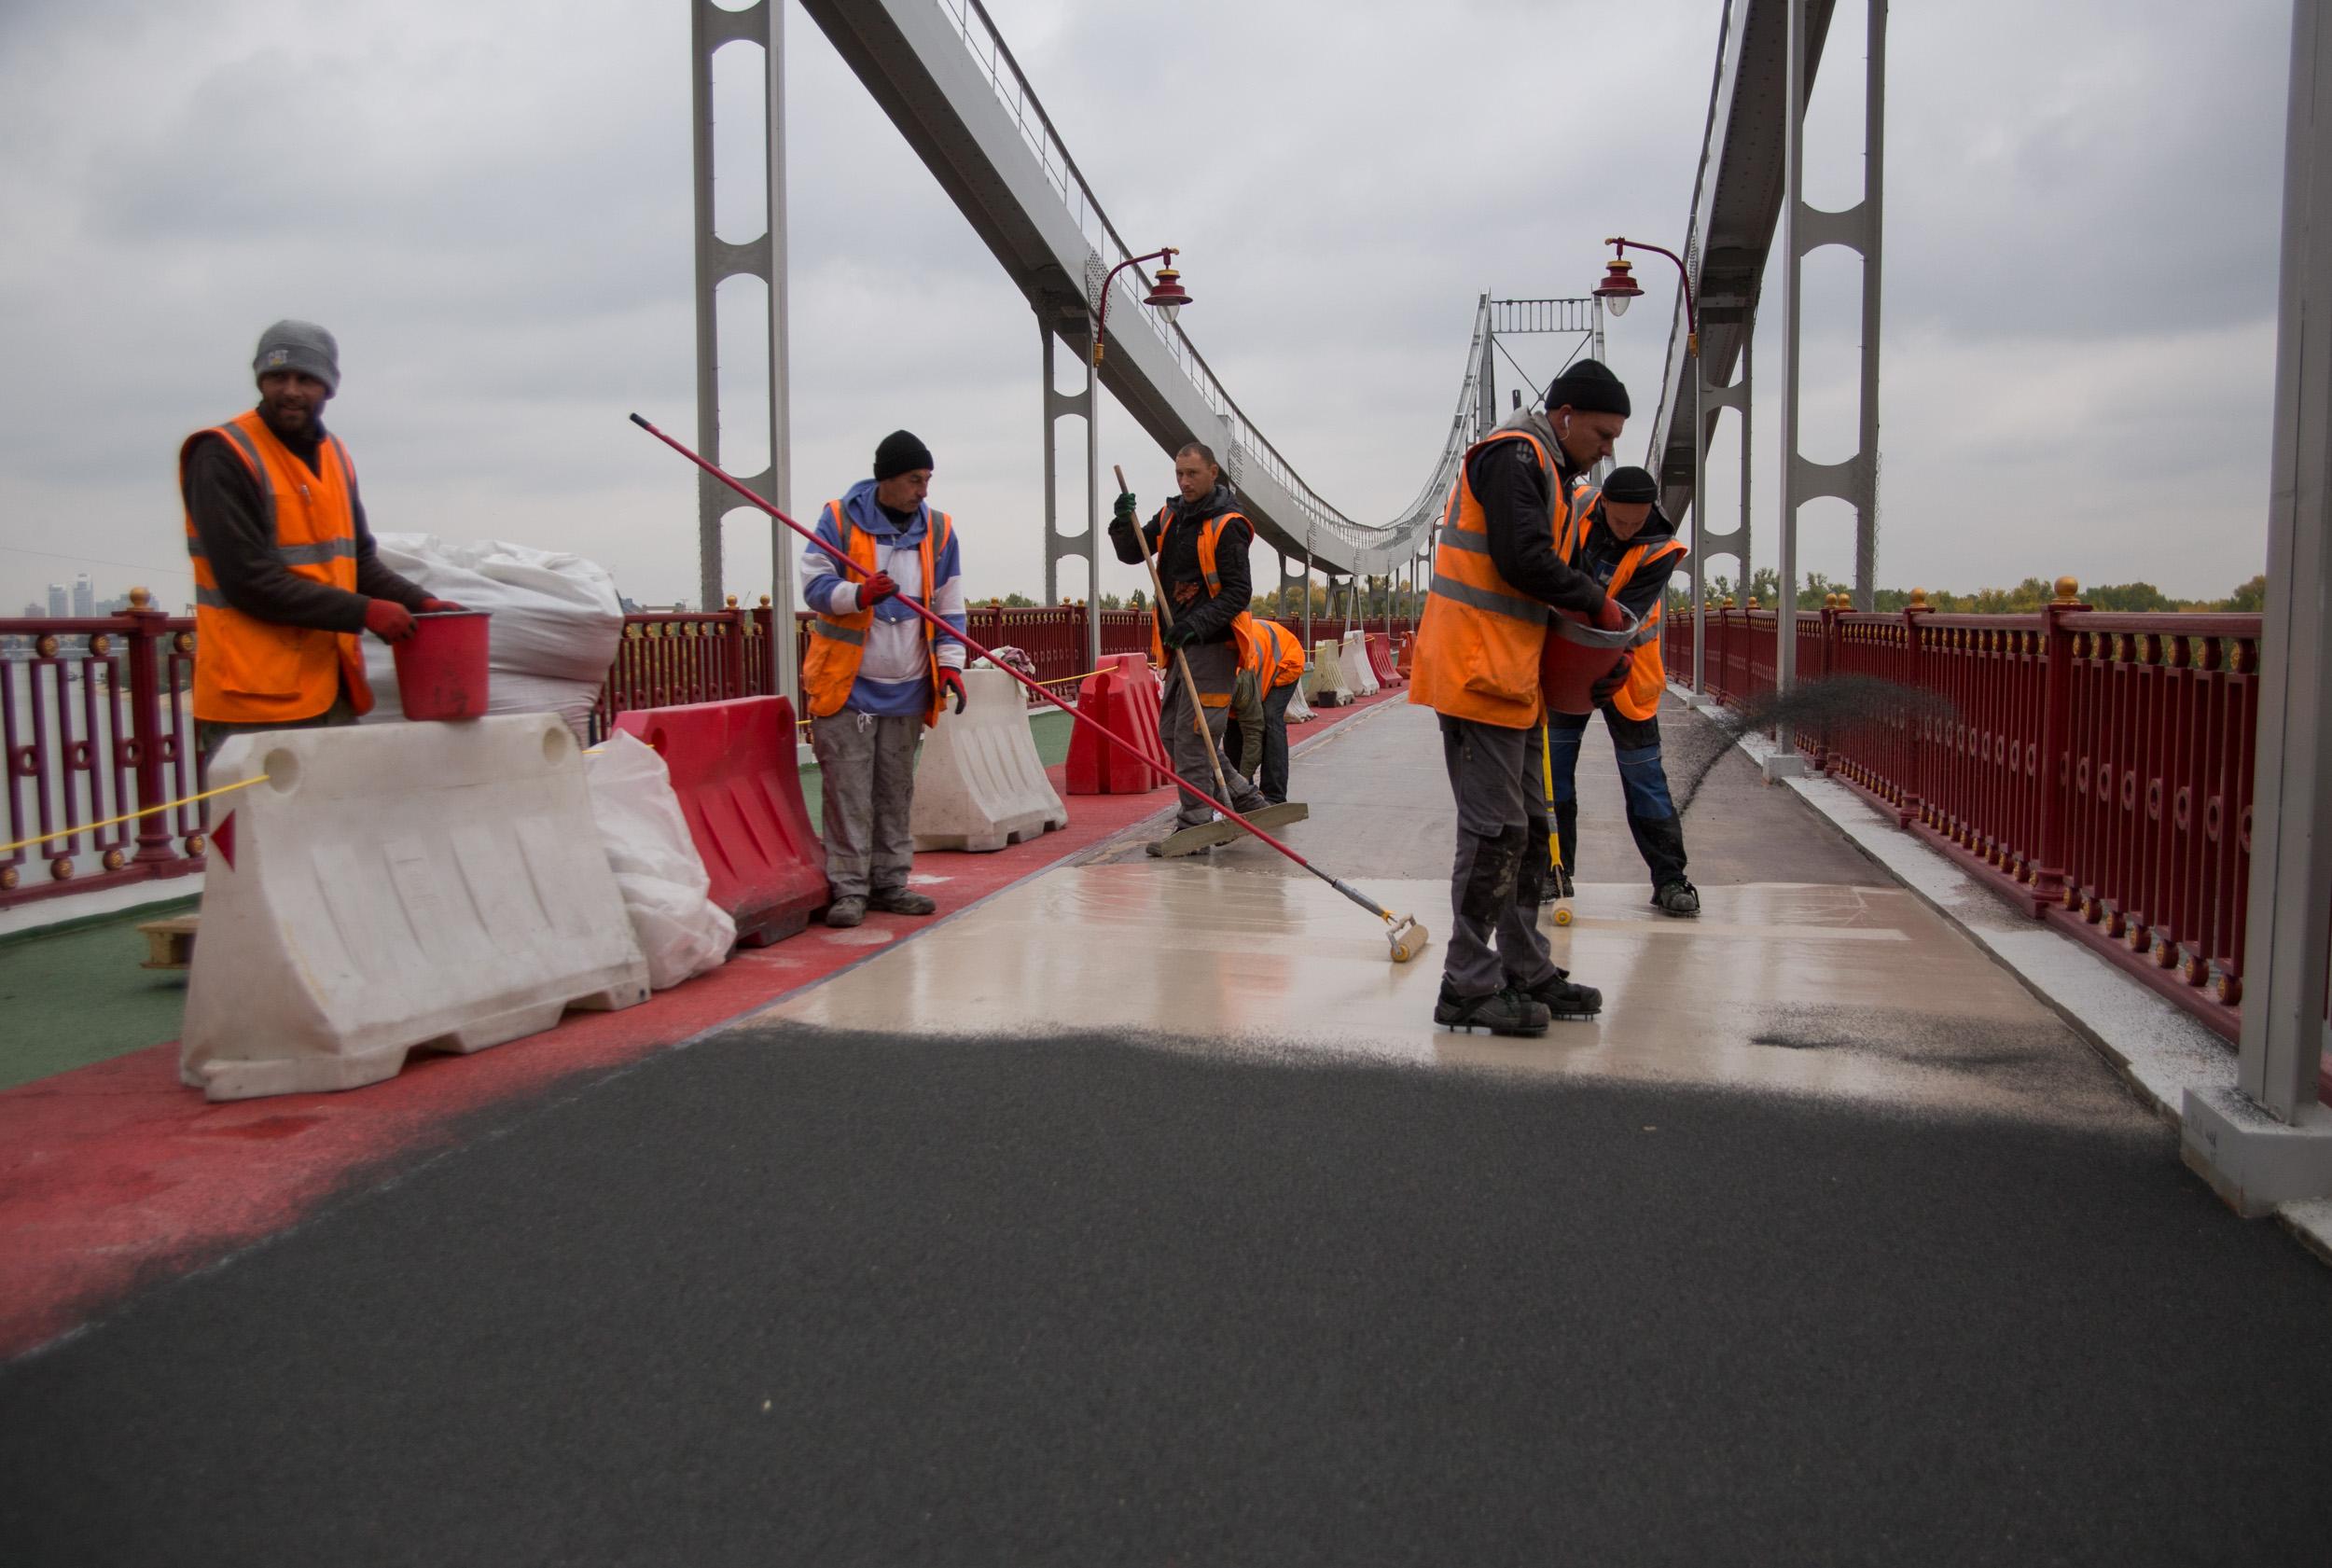 Ремонт Паркового пешеходного моста завершится до конца года - КГГА